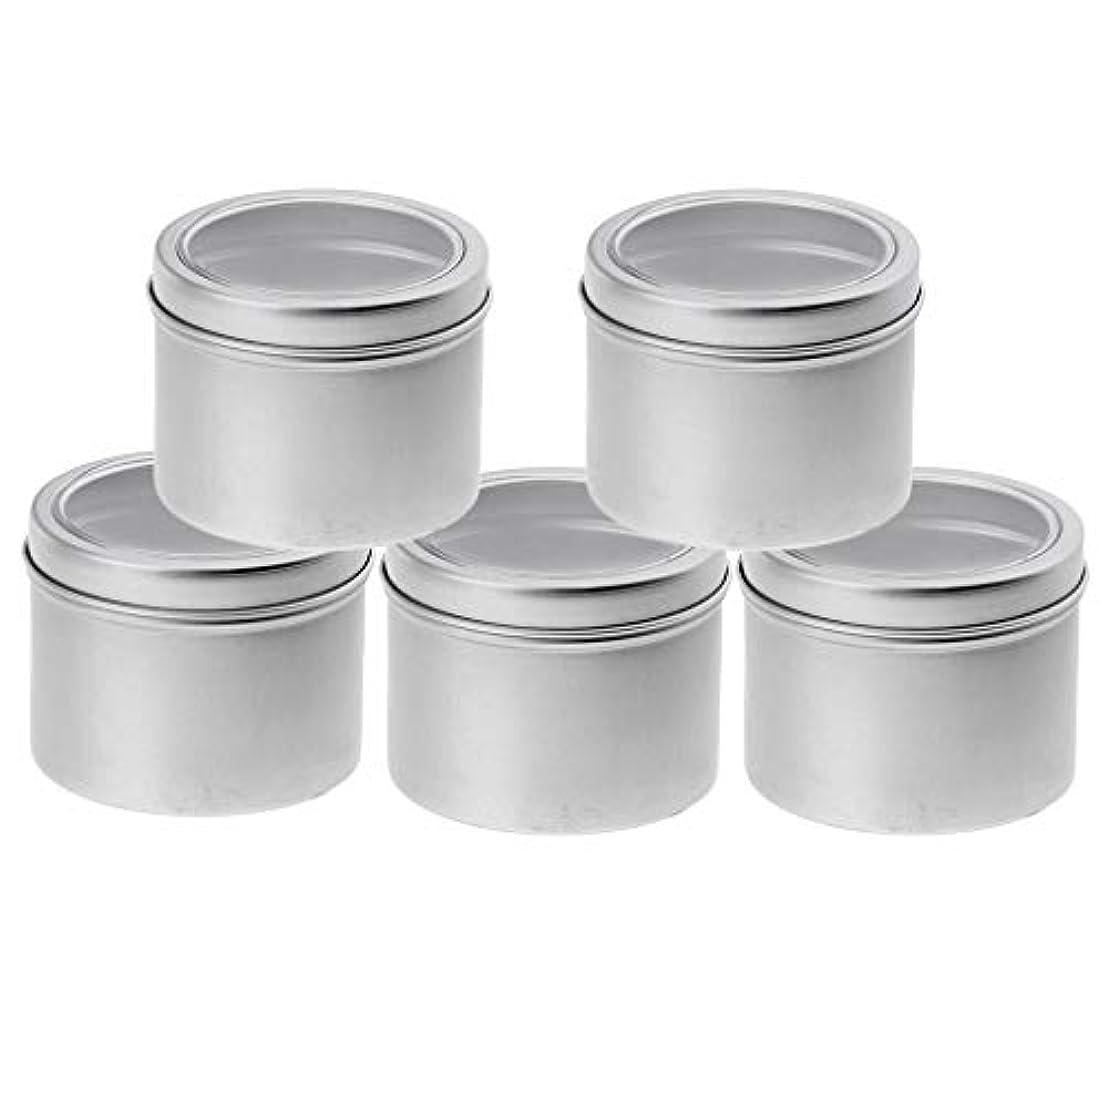 有害ご意見二週間IPOTCH 5個セット 100ml アルミ缶 小分け容器 詰め替え容器 クリームケース 化粧品 収納ボックス